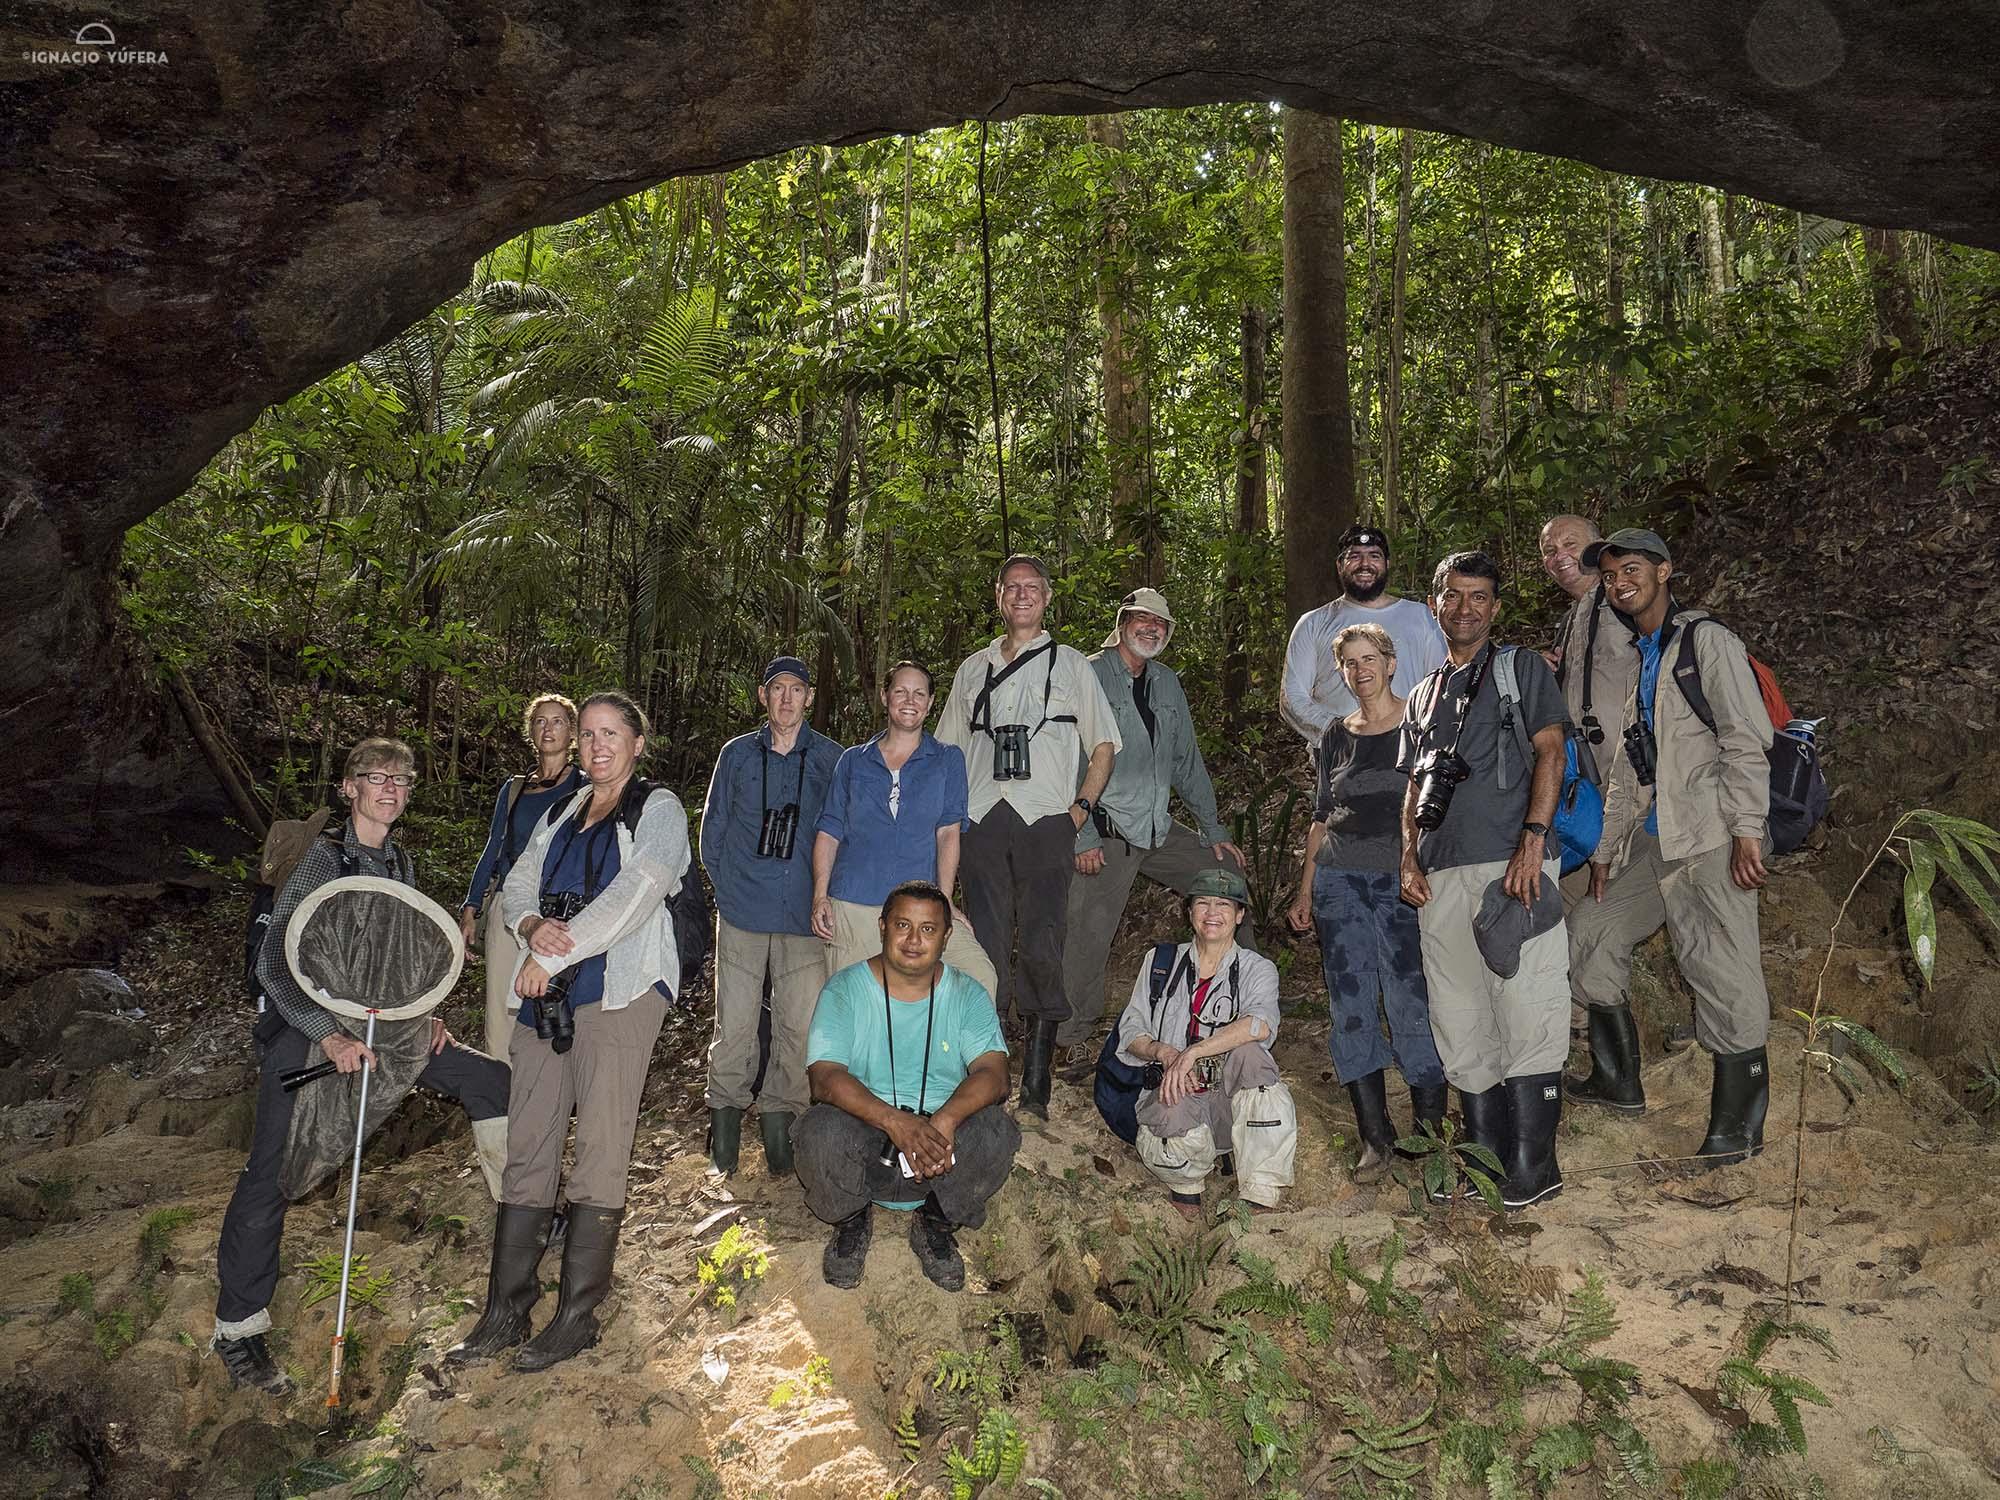 The Dorinha expedition group